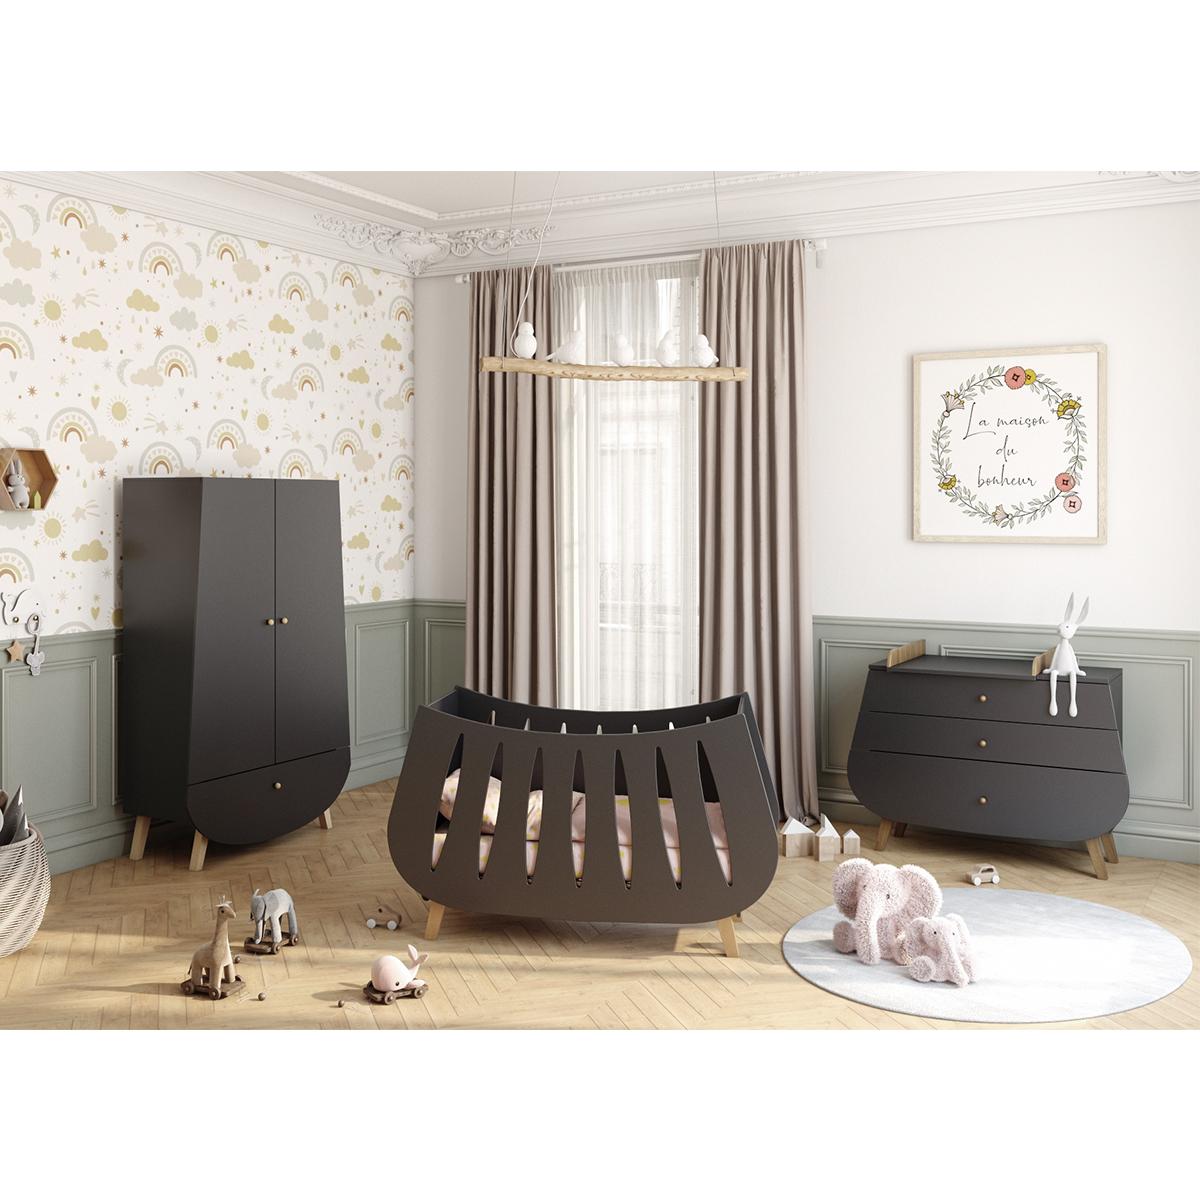 Chambre complète lit bébé 60x120 commode à langer et armoire Songes et Rigolades Trapèze - Gris anthracite